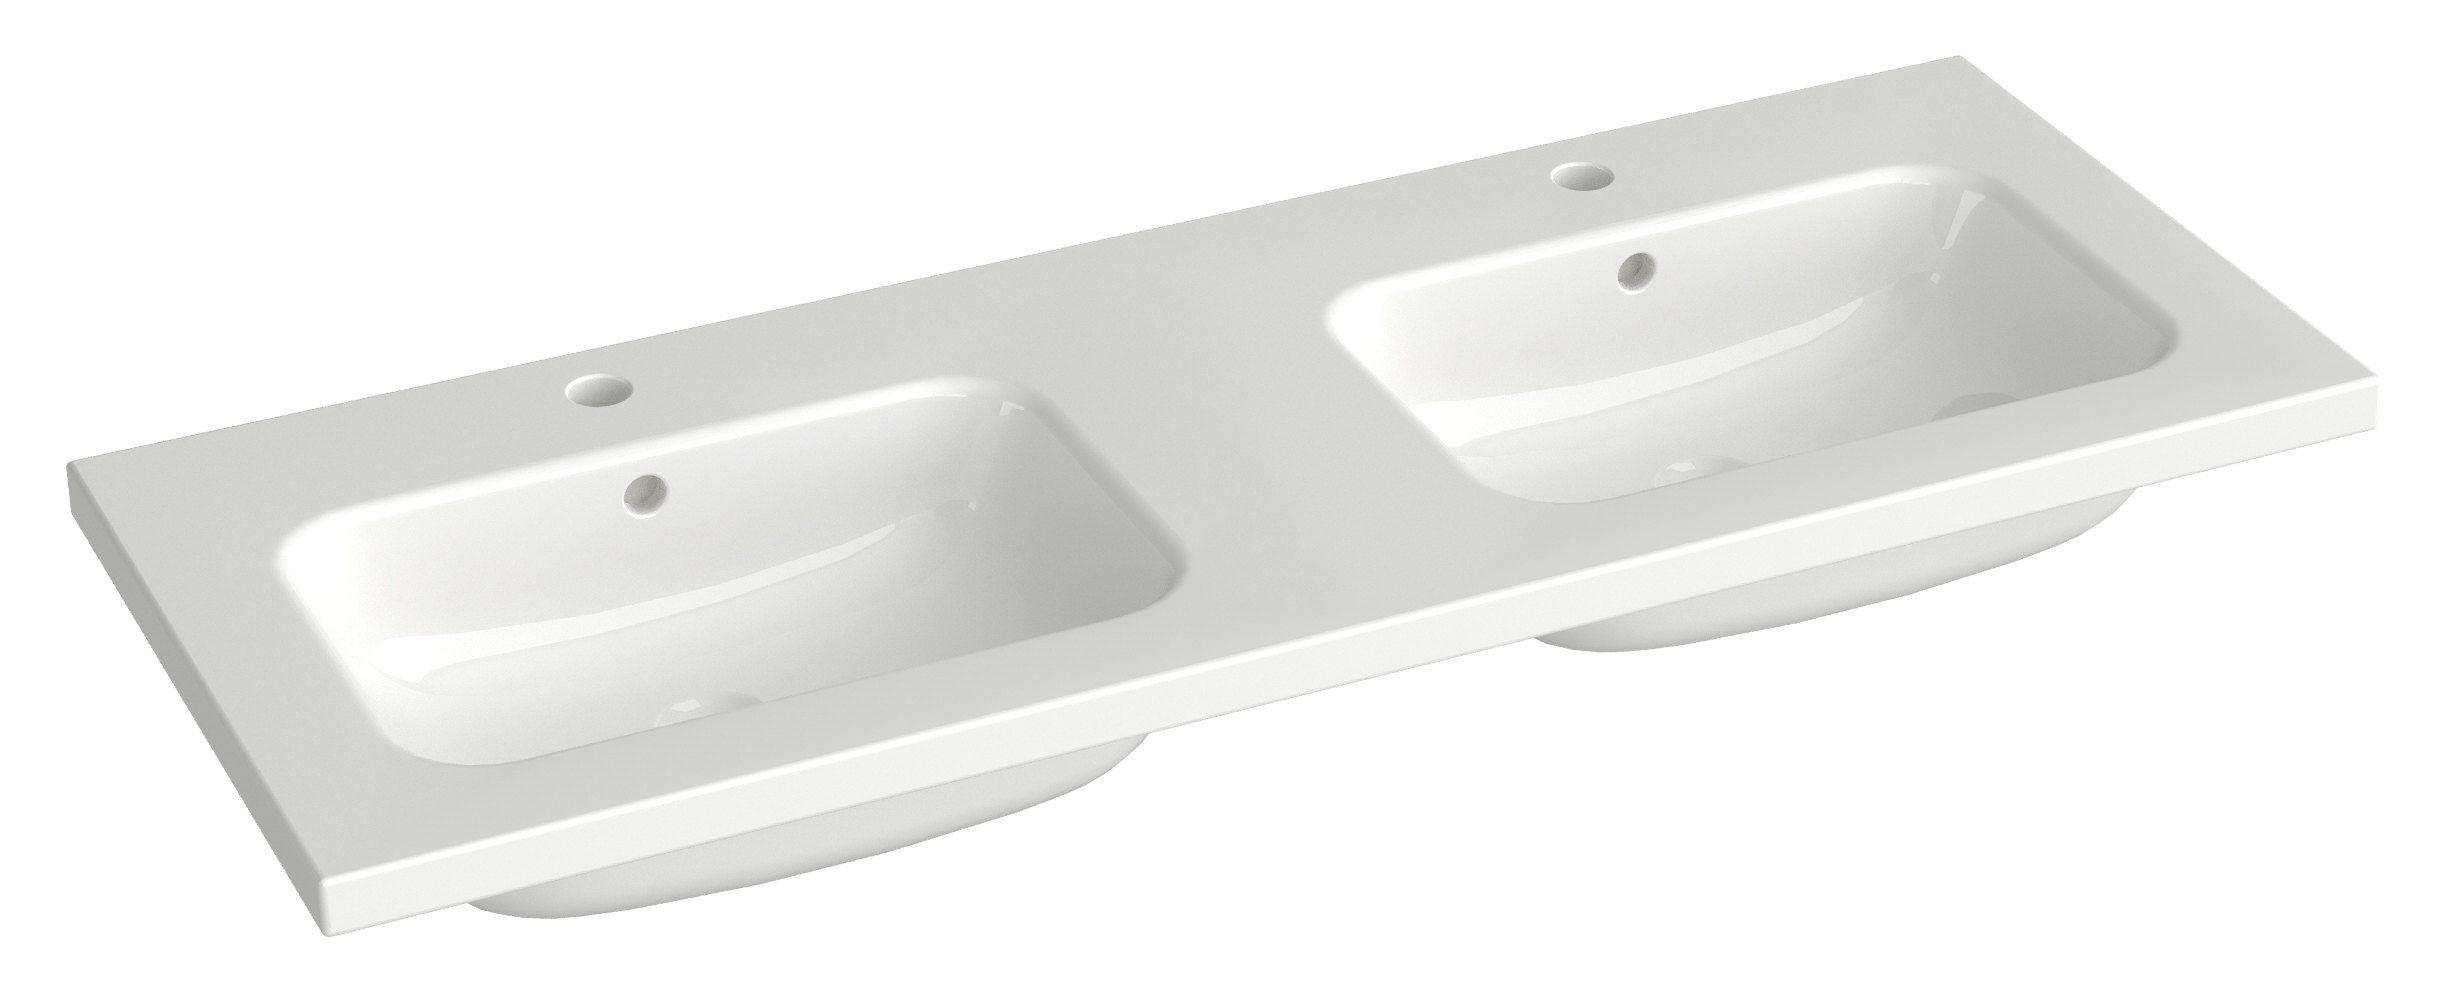 Bad - Doppelwaschbecken Dhule 23, Farbe: Weiß – 10 x 121 x 46 cm (H x B x T)